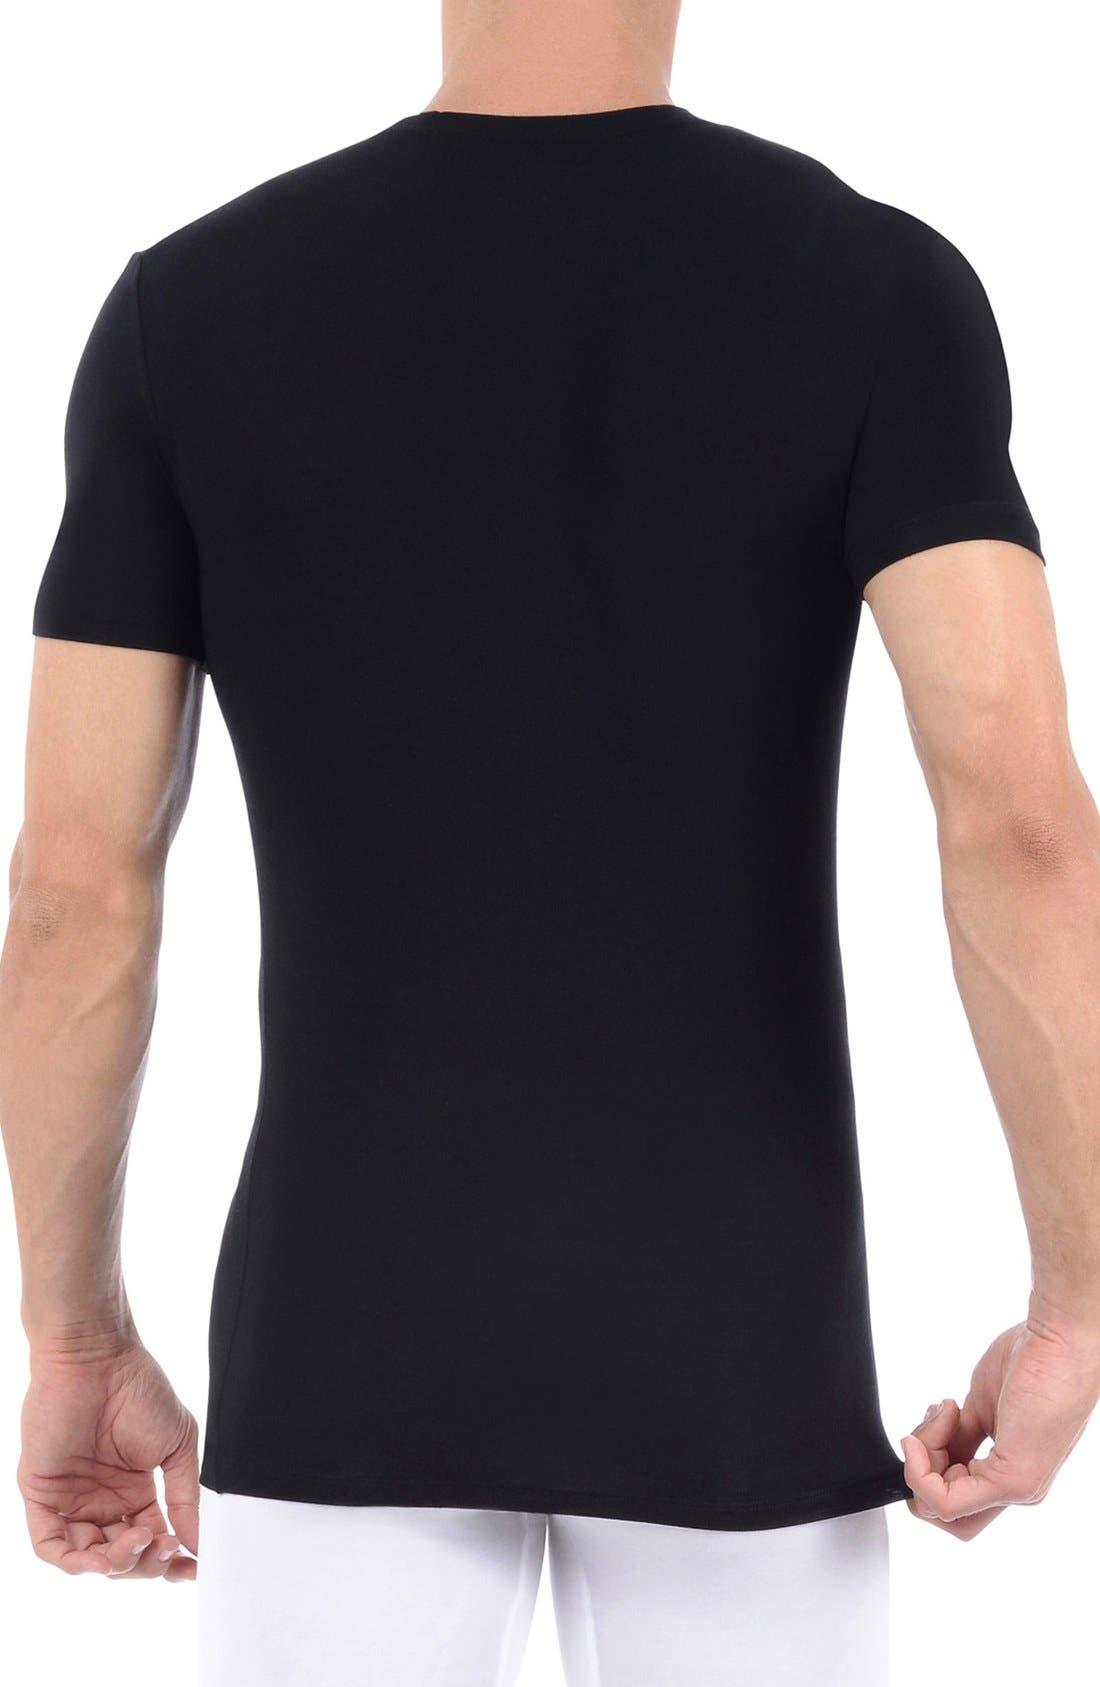 Cool Cotton Crewneck Undershirt,                             Alternate thumbnail 2, color,                             Black